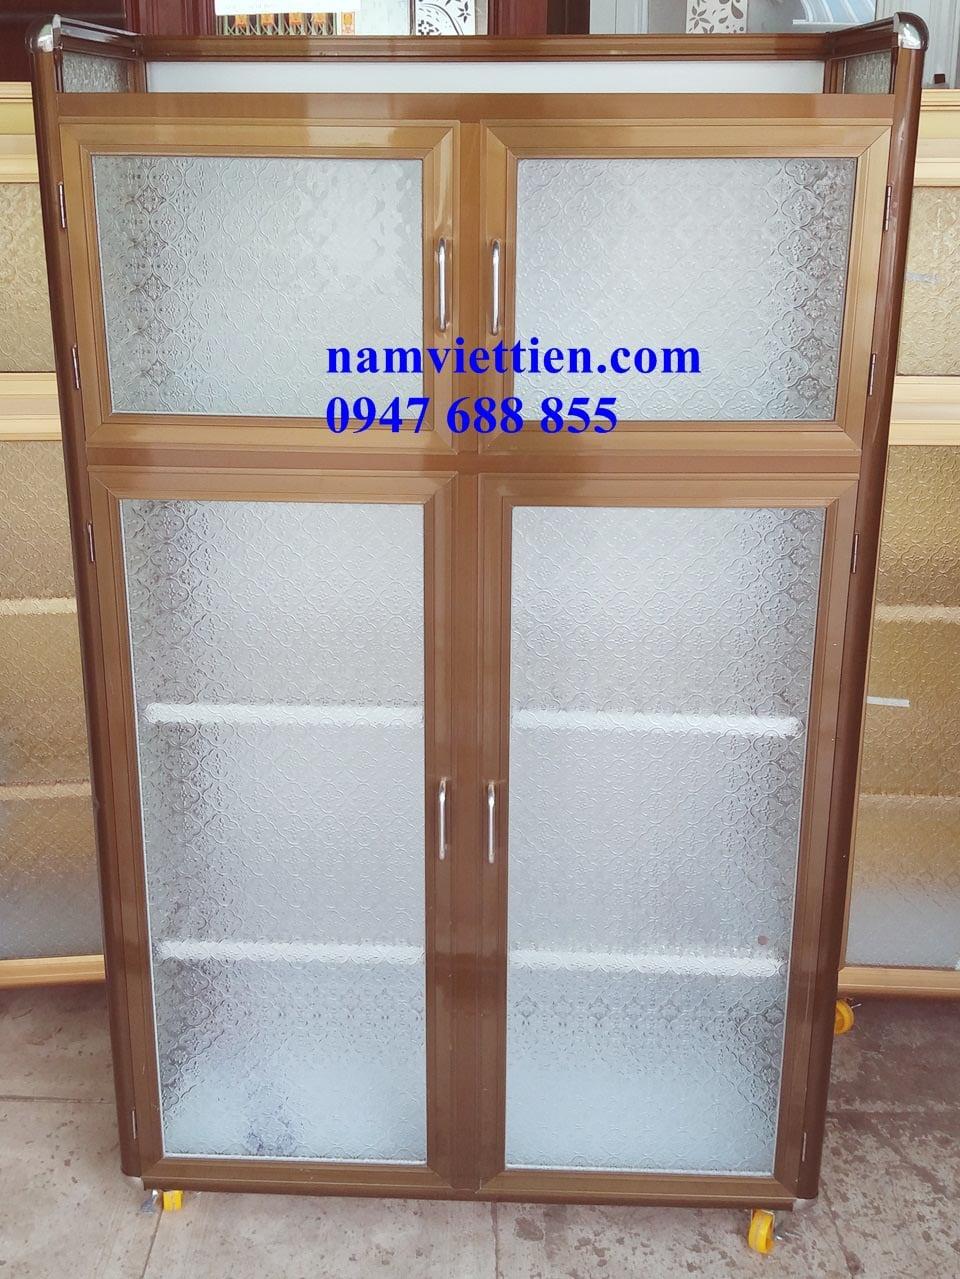 20170903 160625 - Các loại tủ đựng chén nhôm kính giá rẻ